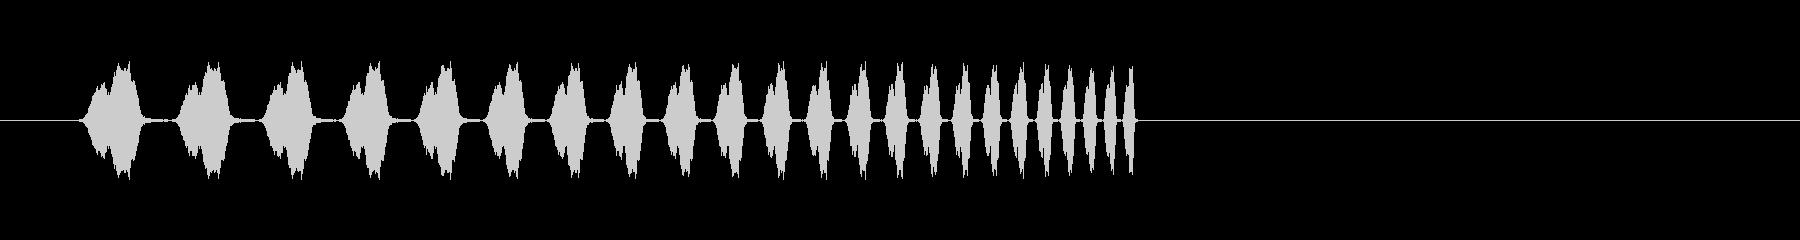 ホイッスルコメディラン5-加速-バ...の未再生の波形